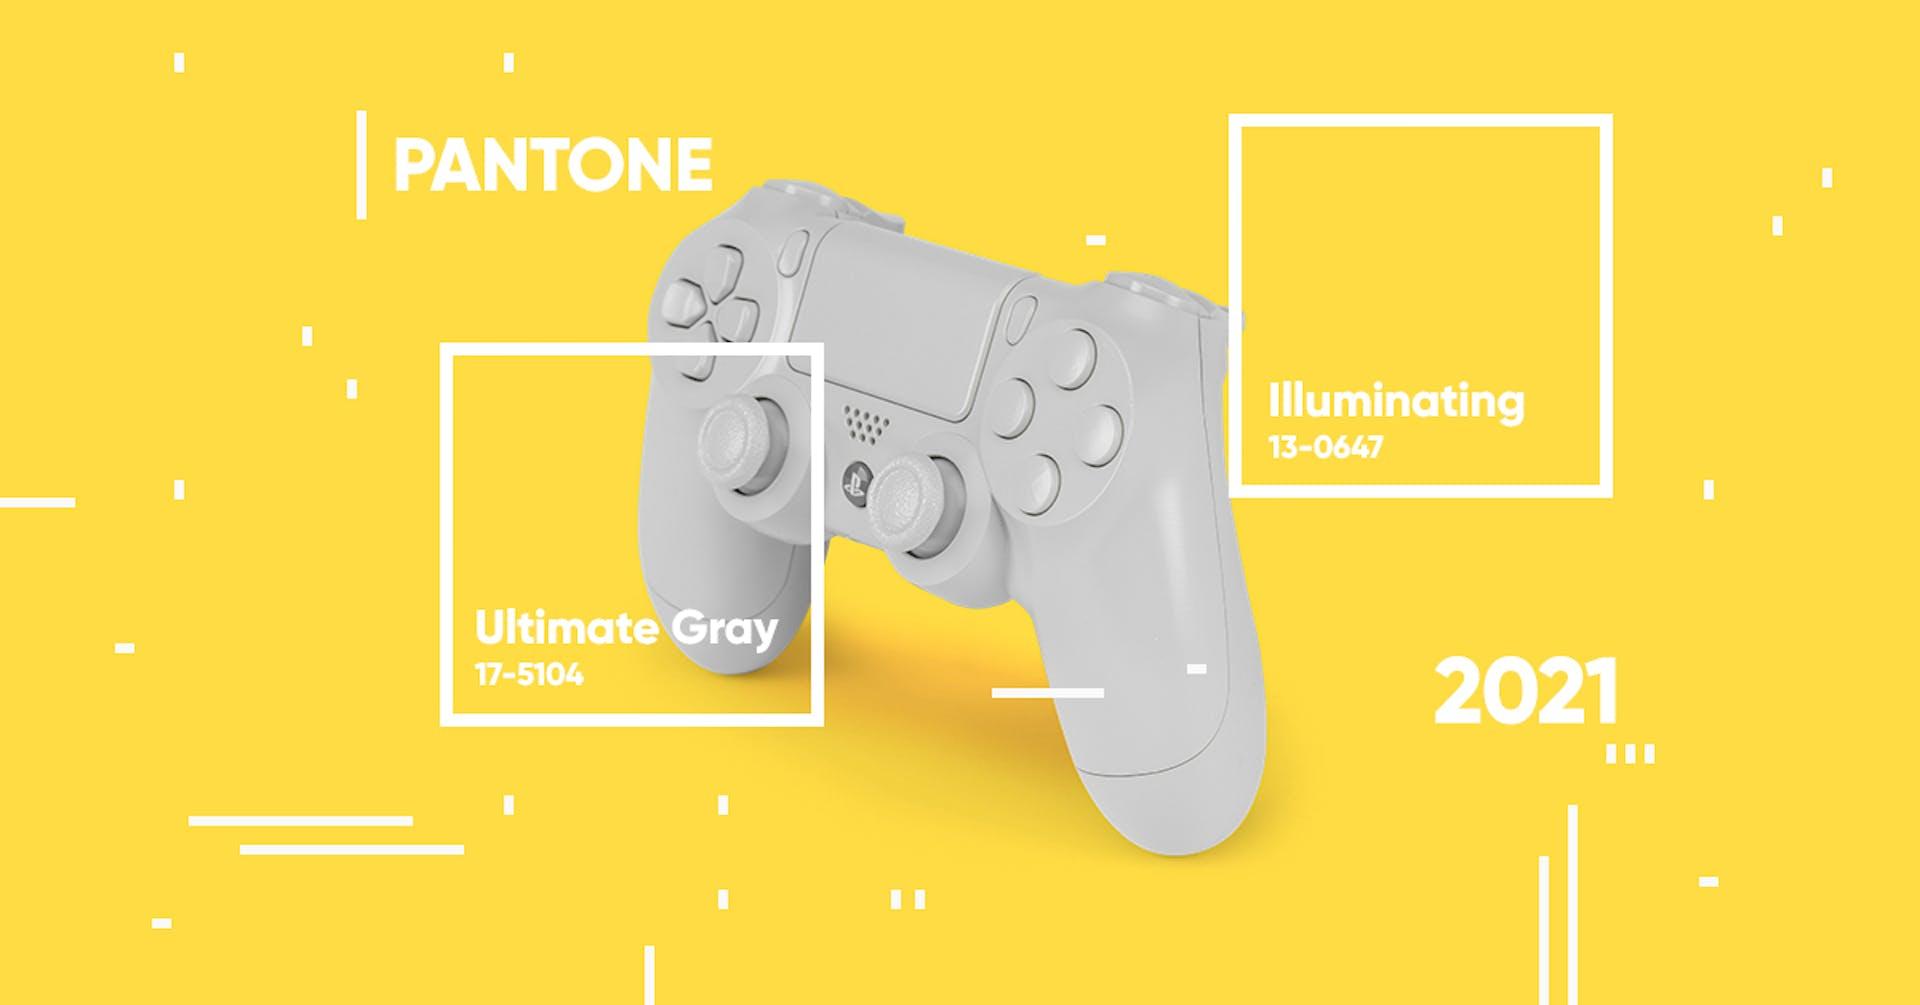 Revelação do Pantone color 2021: ultimate gray + illuminating